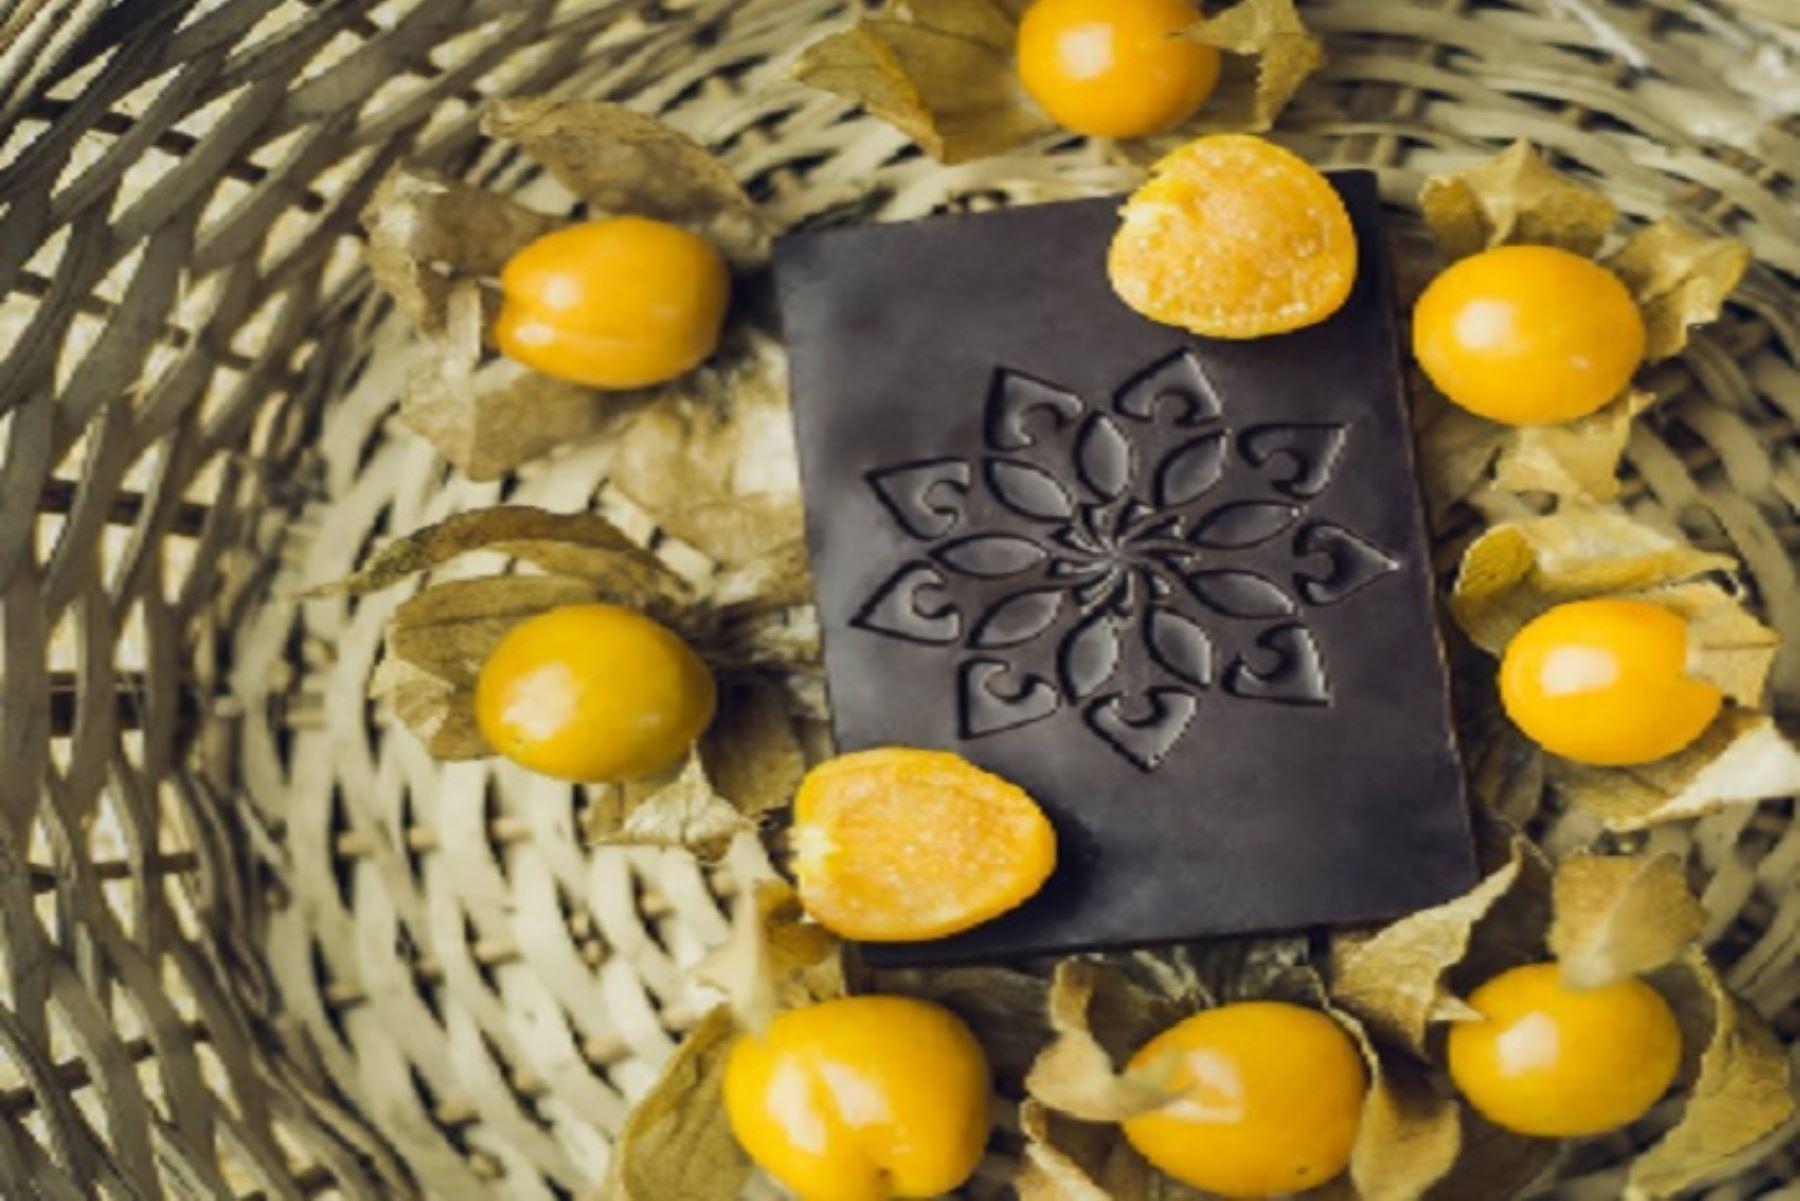 La marca Korin chocolate, que se elabora únicamente con cacao del distrito de Buenos Aires, en la provincia de Morropón, región Piura, ganó cuatro medallas de oro y tres medallas de plata en el concurso internacional Singapur Chocolate Awards.